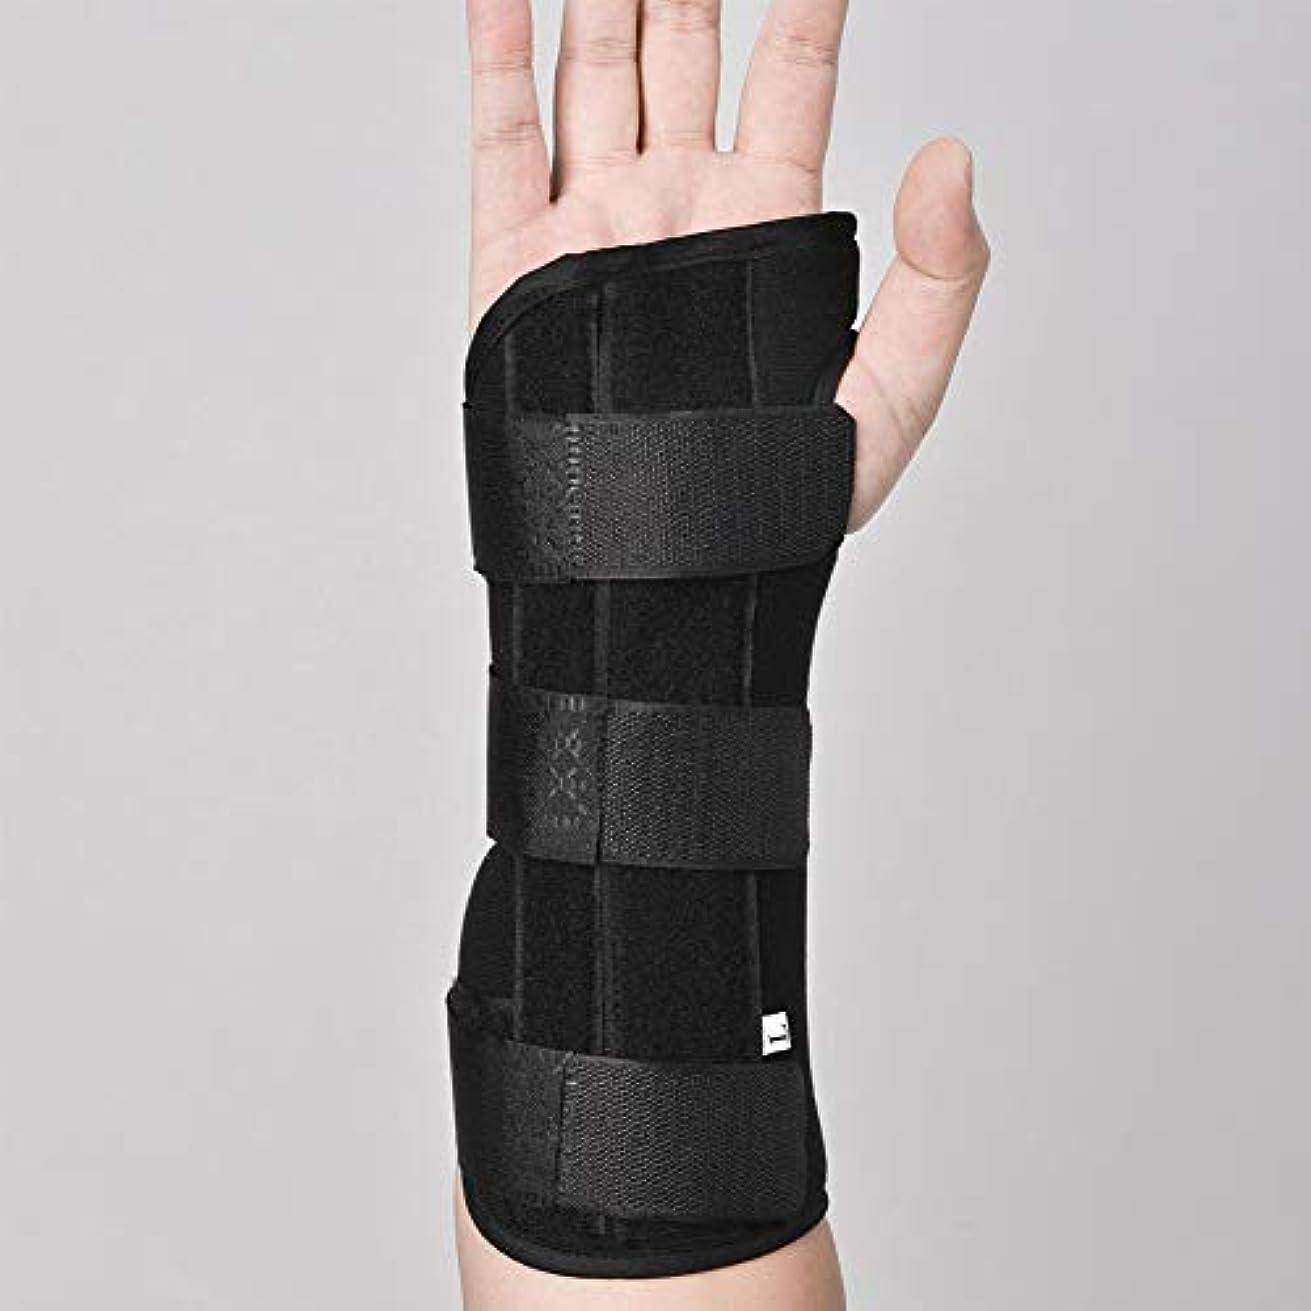 ディスクミュウミュウ国民捻挫および成人用に適した関節炎のためのアルミニウム副木矯正ストラップ痛み緩和と手首の関節,Lefthand,S